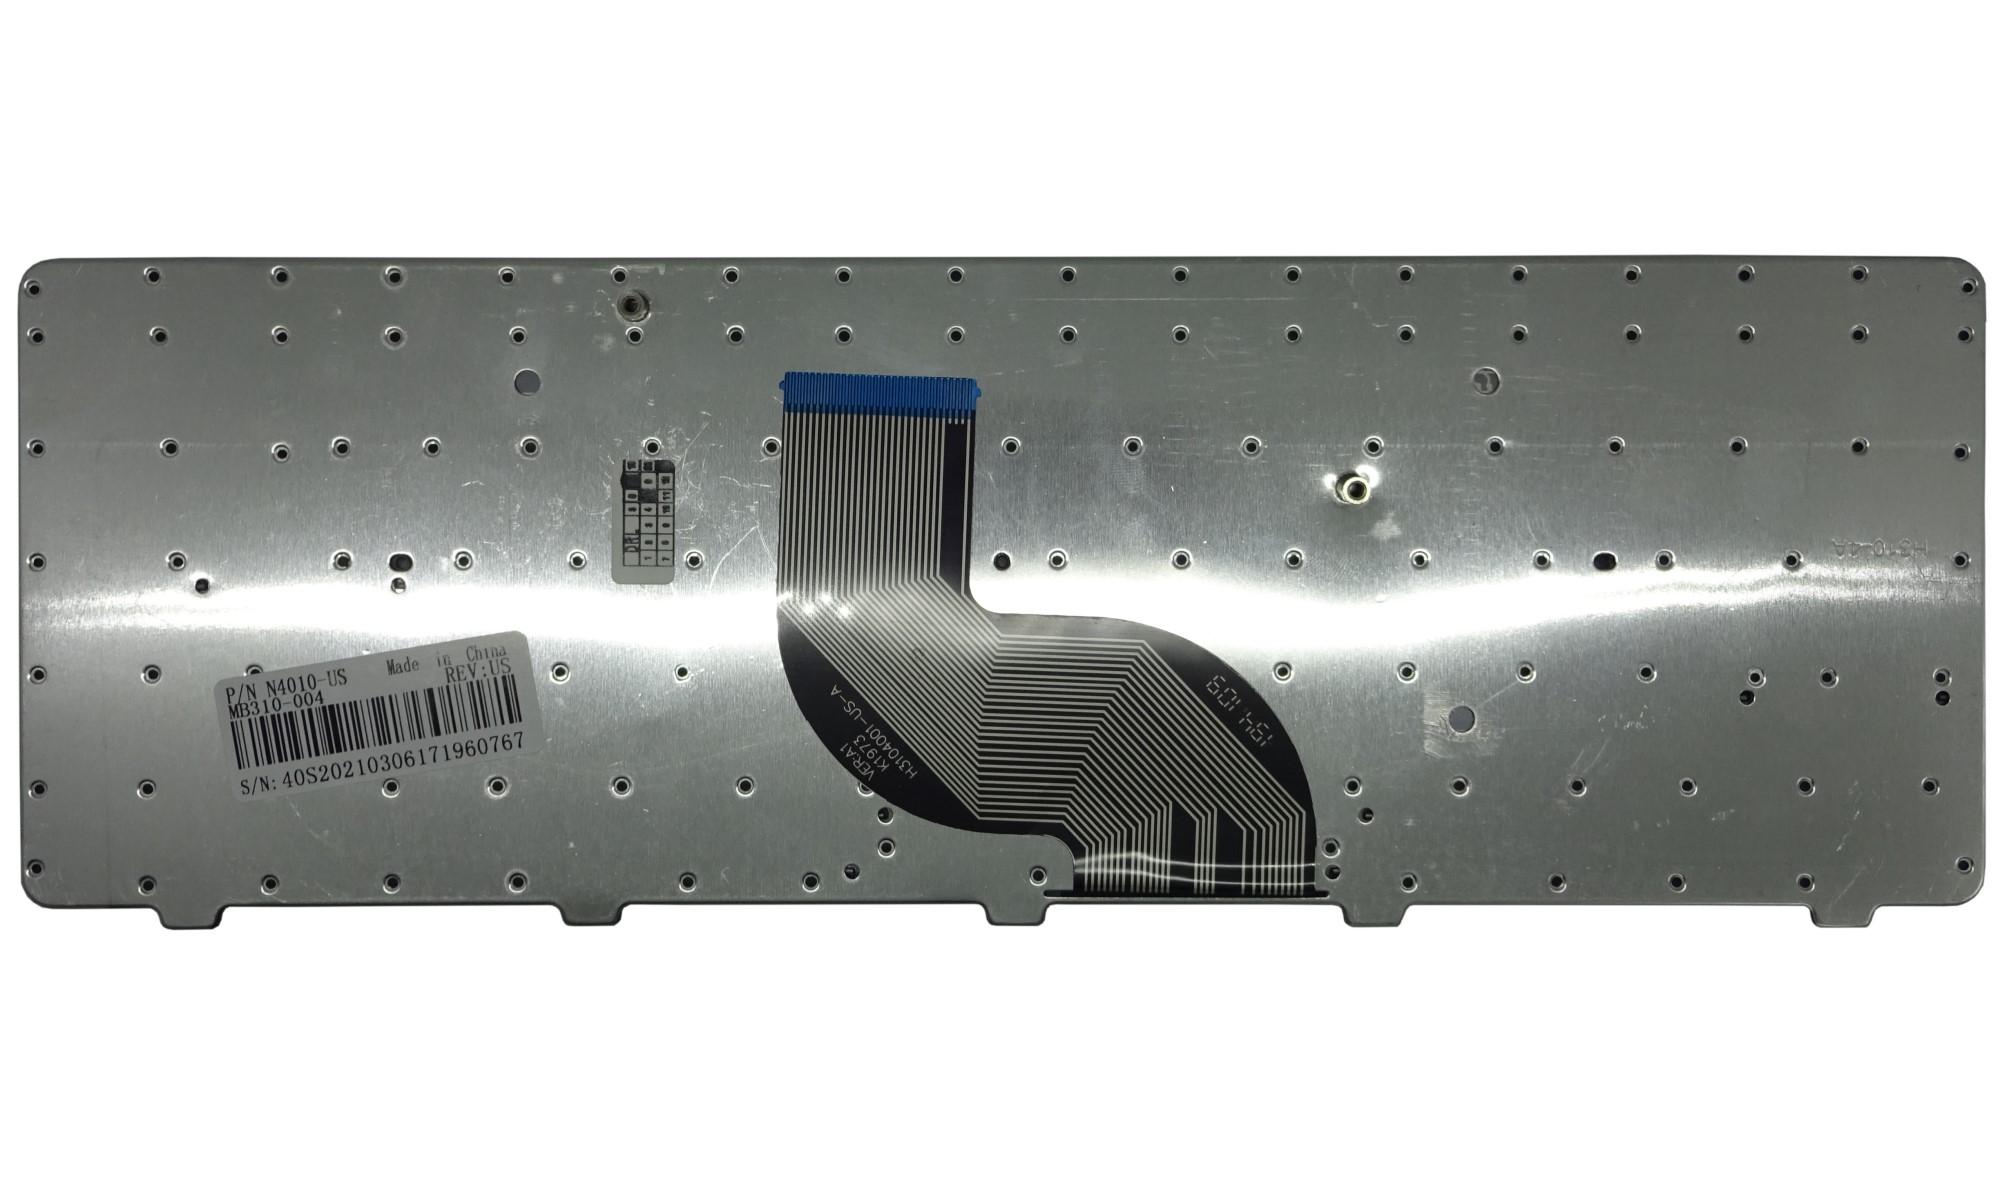 Tastatura compatibila Dell Inspiron  N3010, 14R N4010, N4020, N4030, N5020, N5030, M5030, layout US, fara iluminare